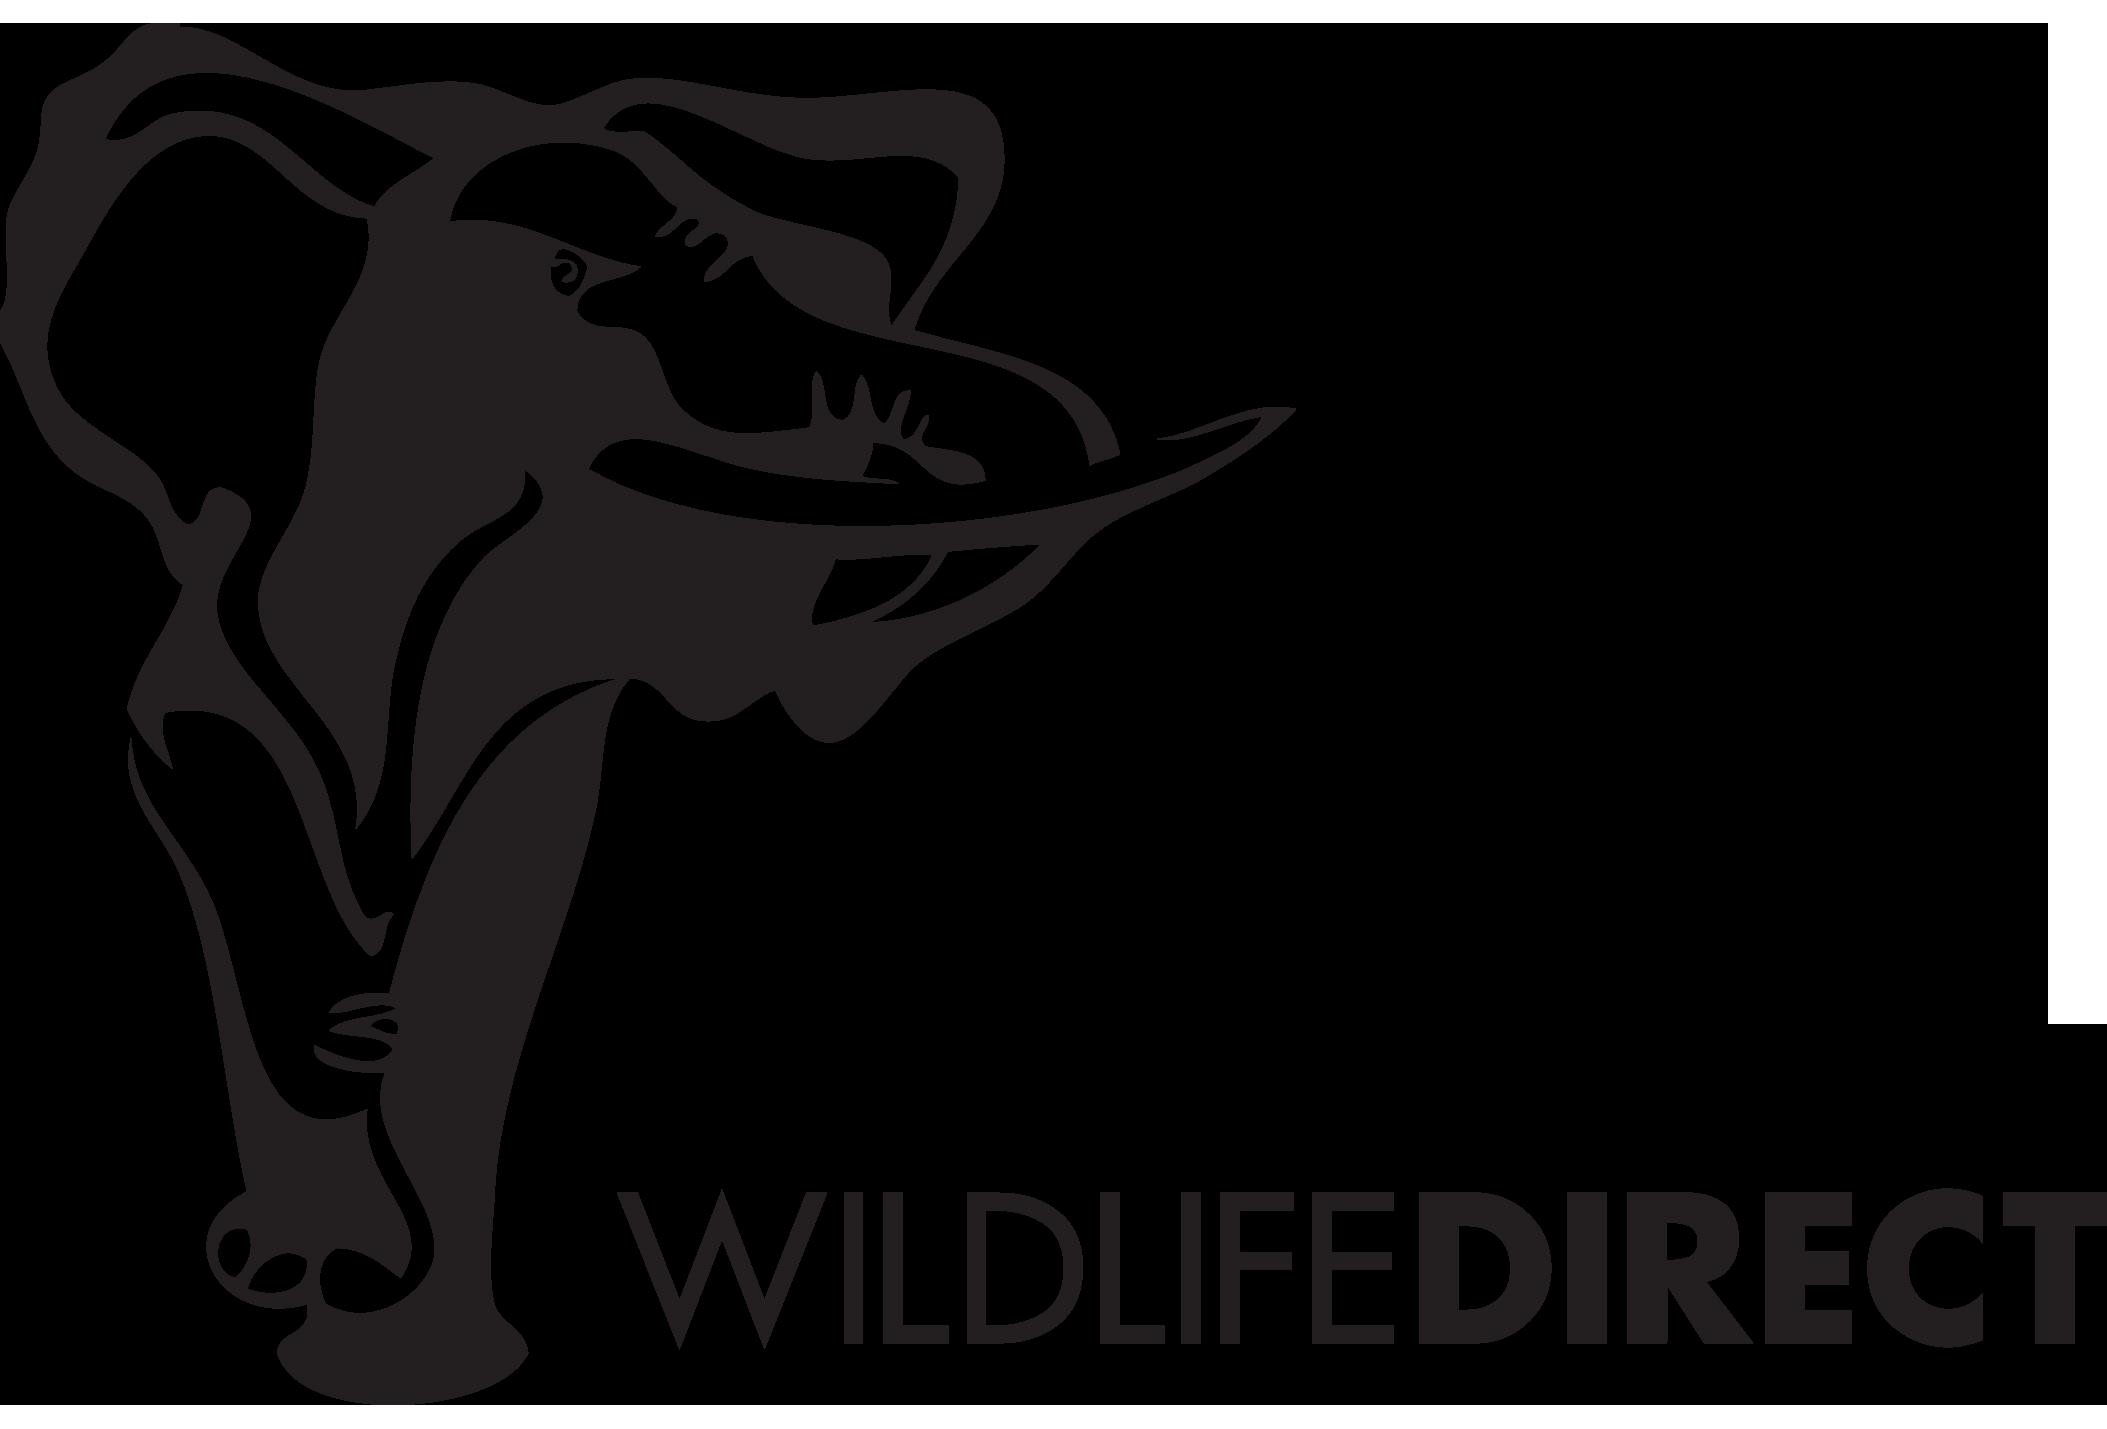 WildlifeDirect logo